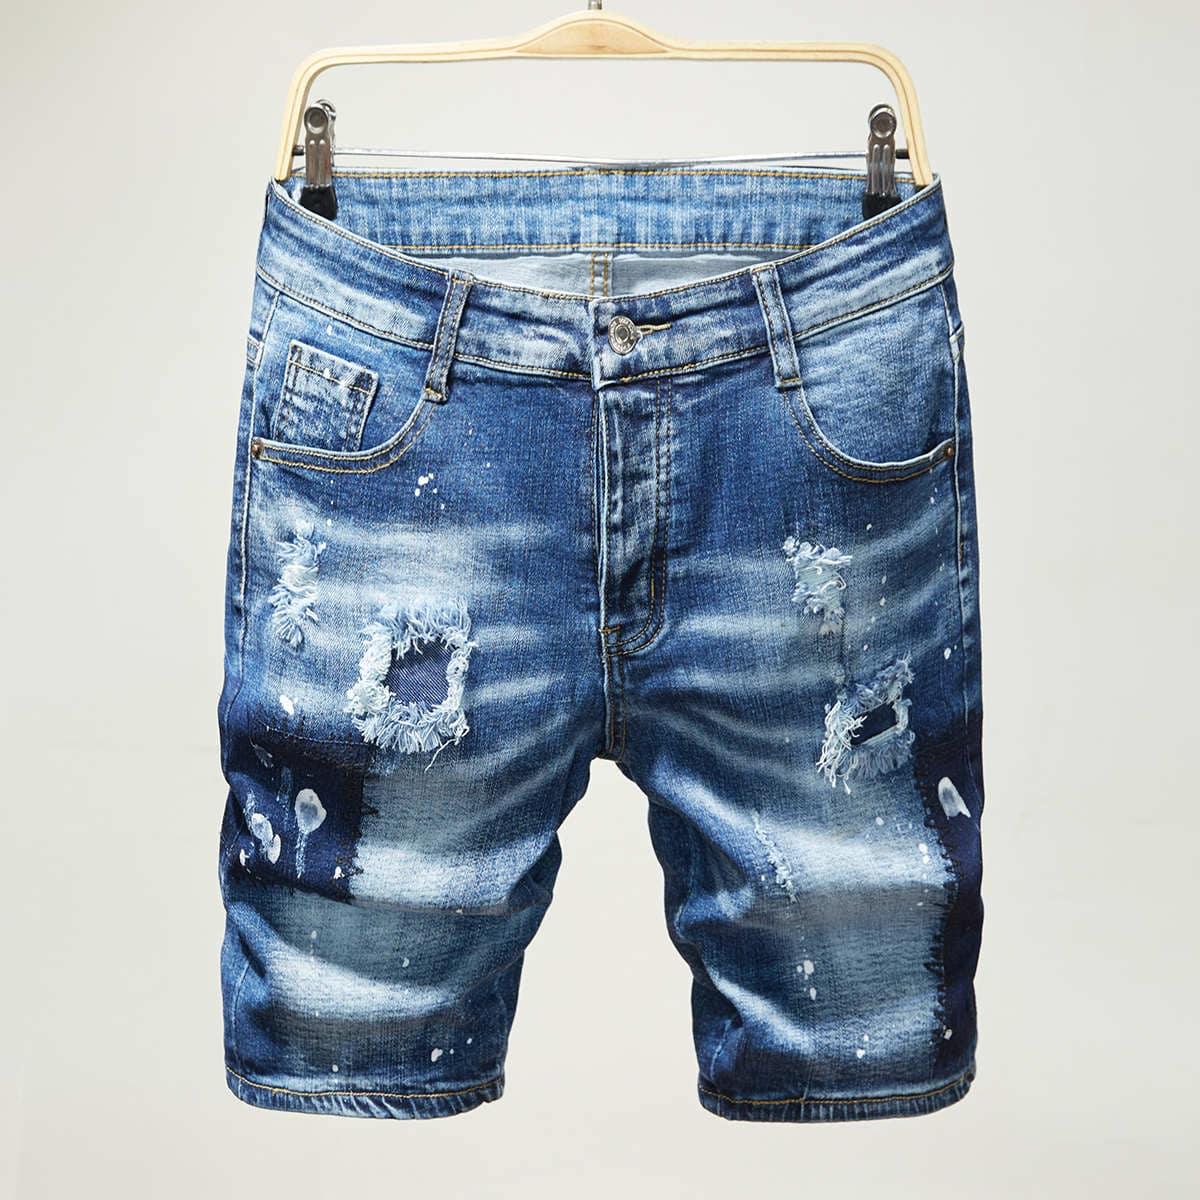 Карман графический принт Мужские джинсовые шорты